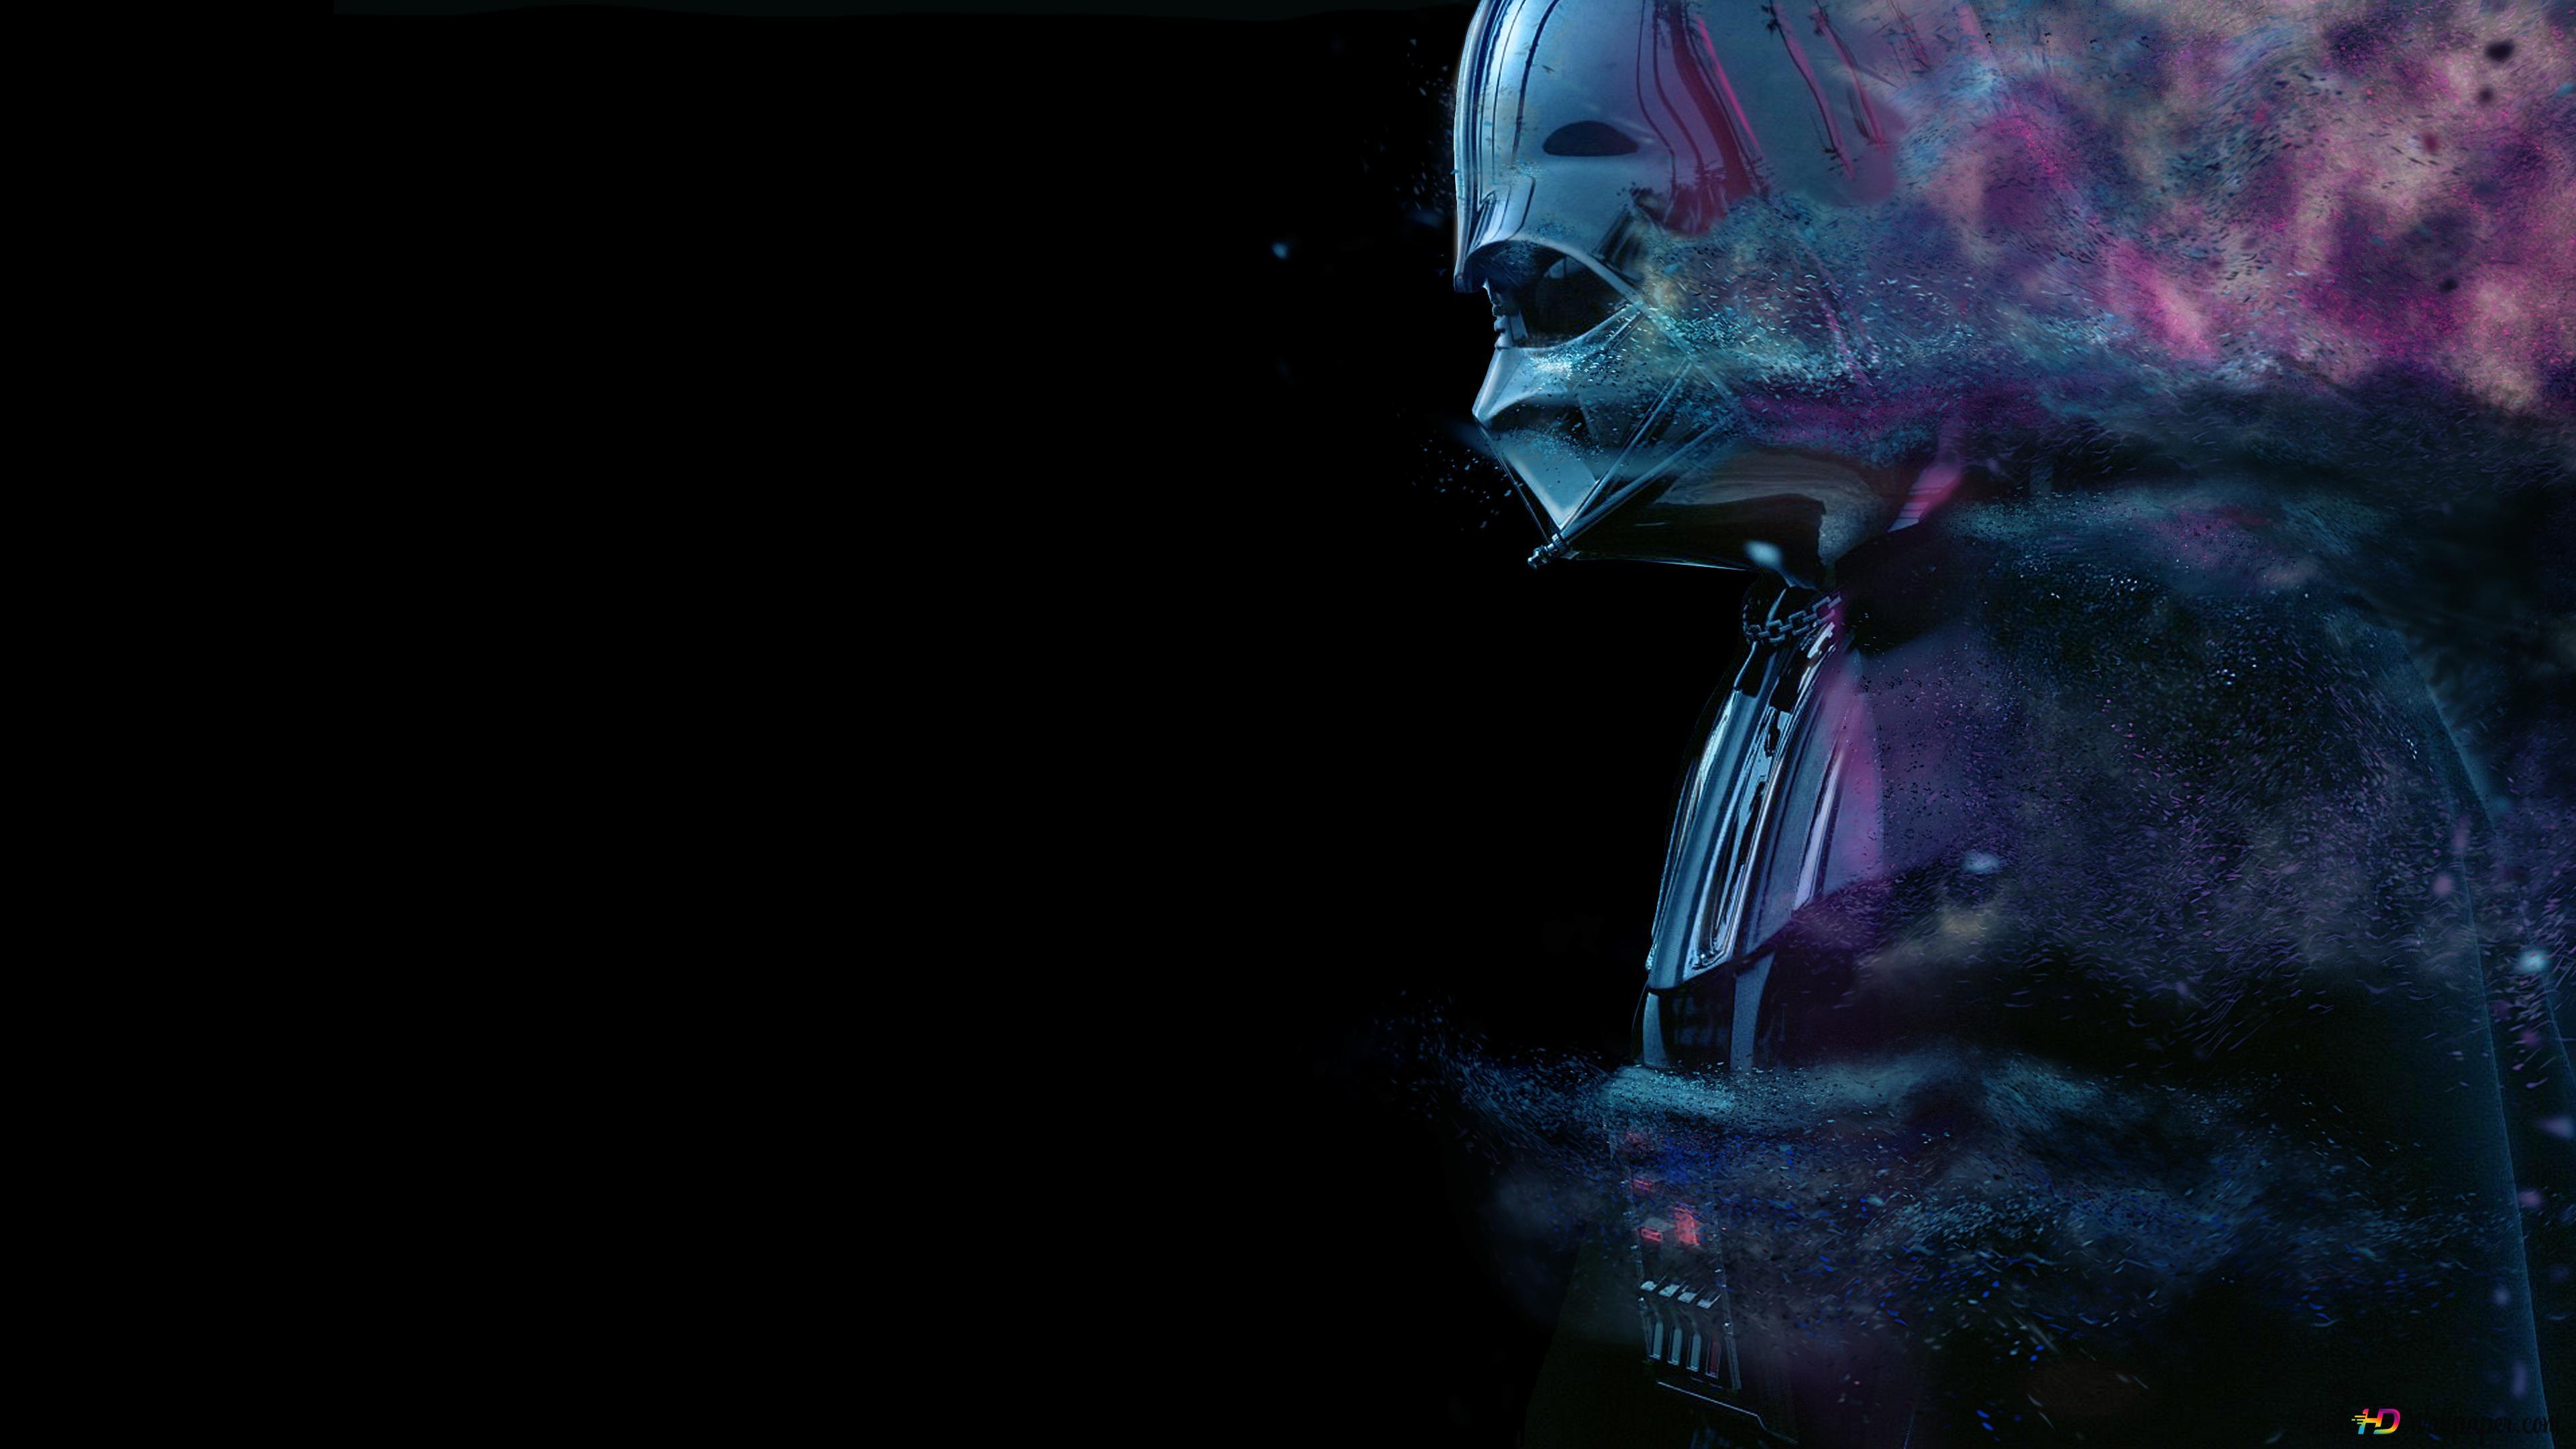 Dark Darth Vader Hd Wallpaper Download